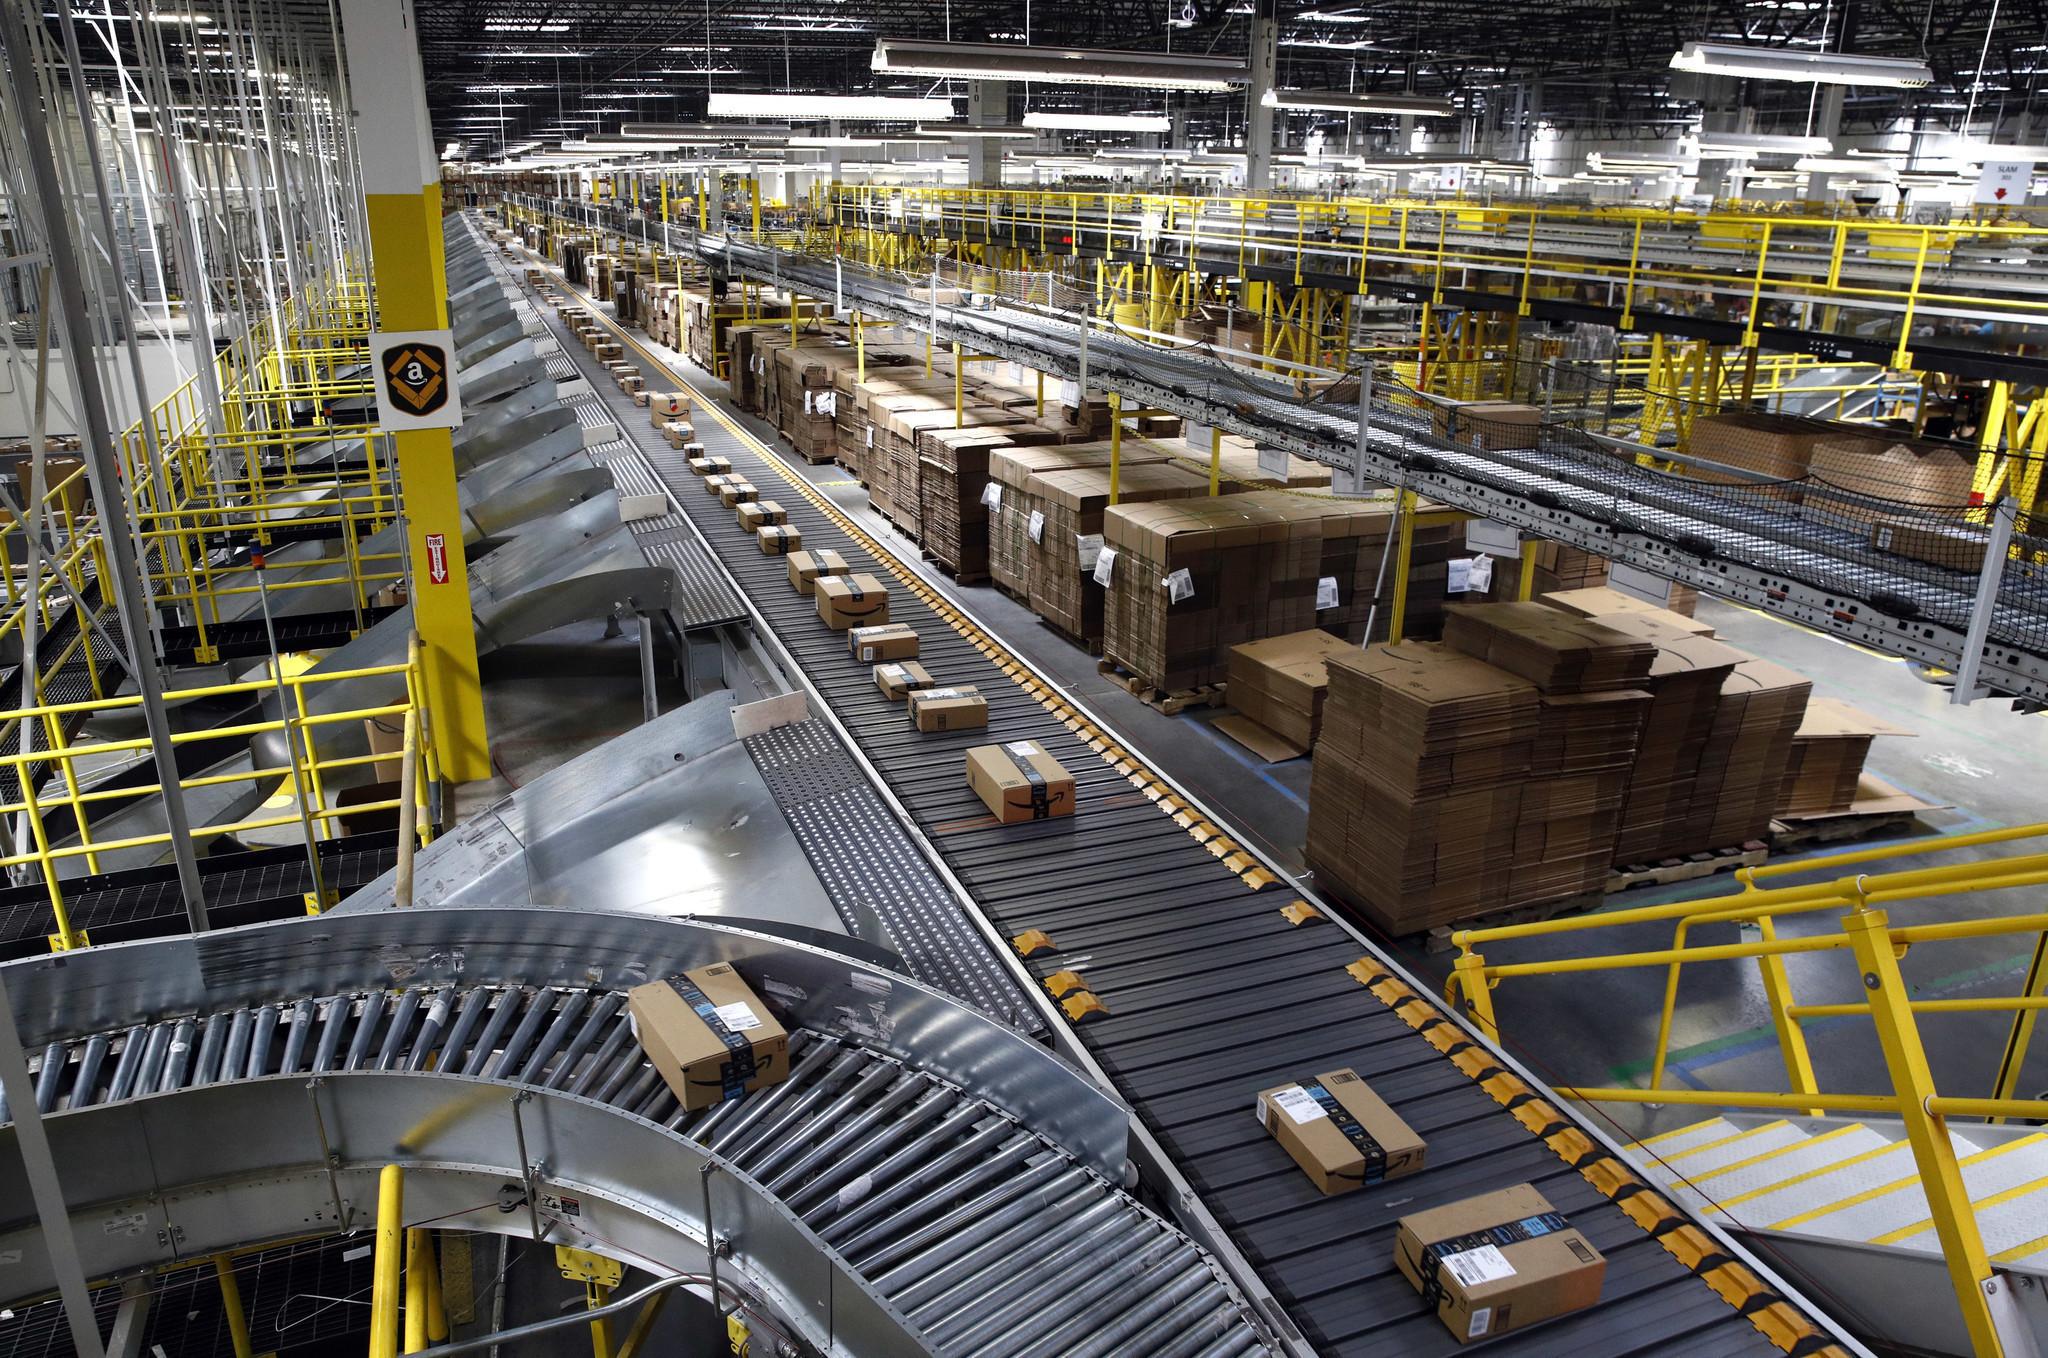 Amazon busca que trabajadores renuncien y sean empresarios